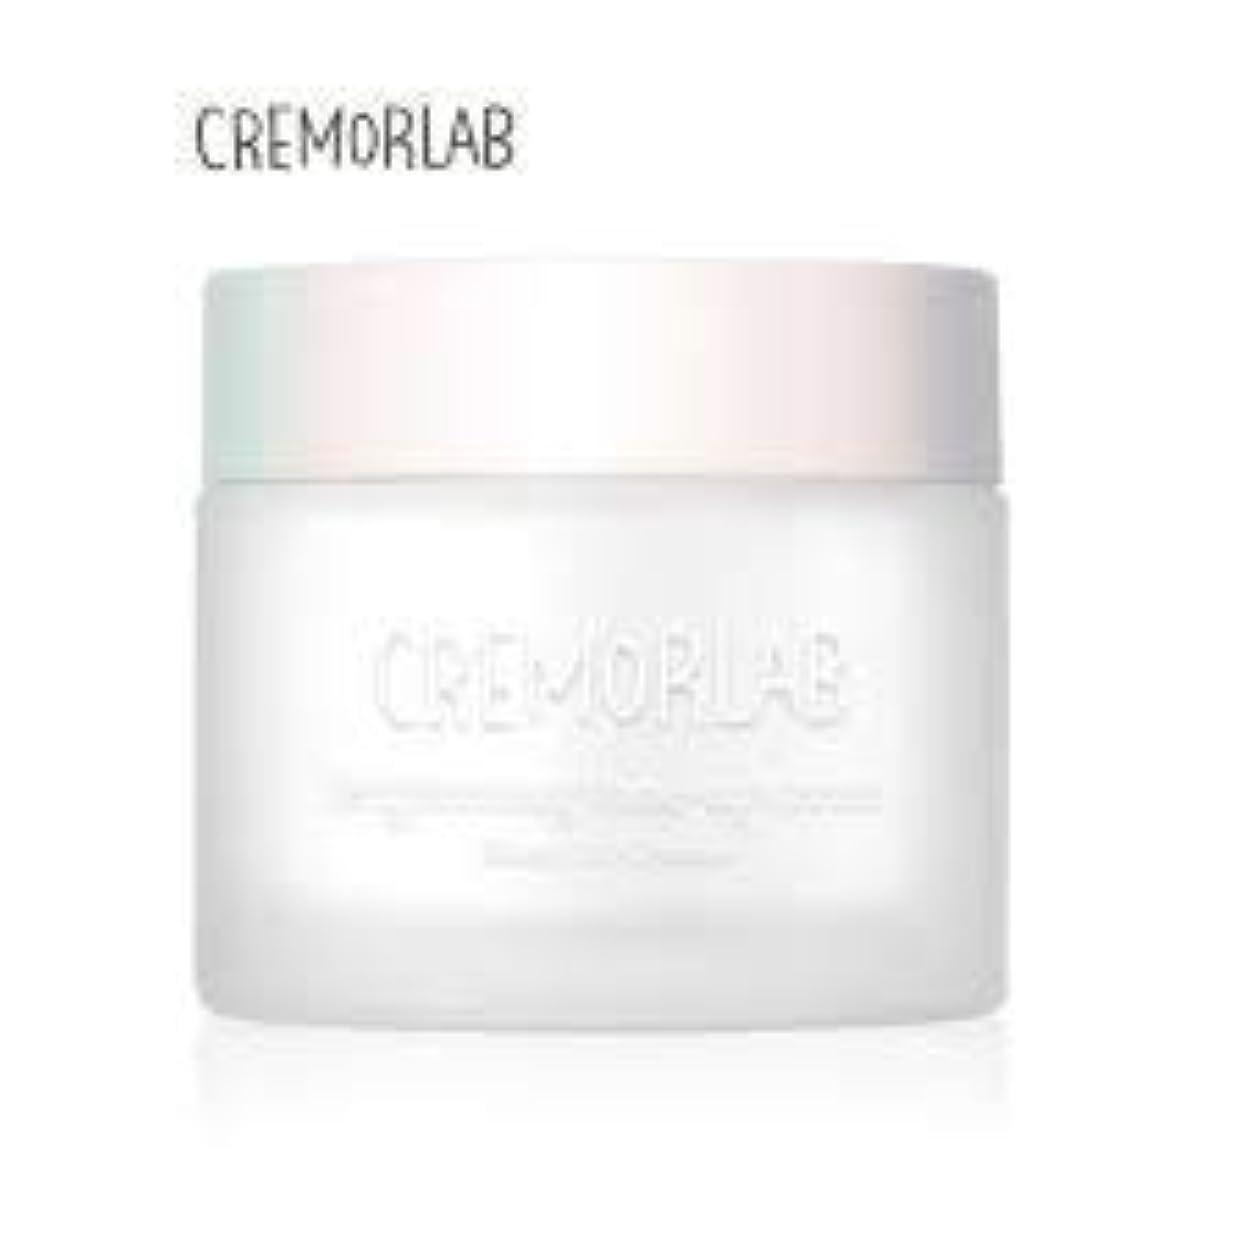 協力避難するブルームCREMORLAB ブランドクレマーブライトニングクリーム50ml - 肌のトーンを洗練させ、透明度を高め、肌の色を明るくします。